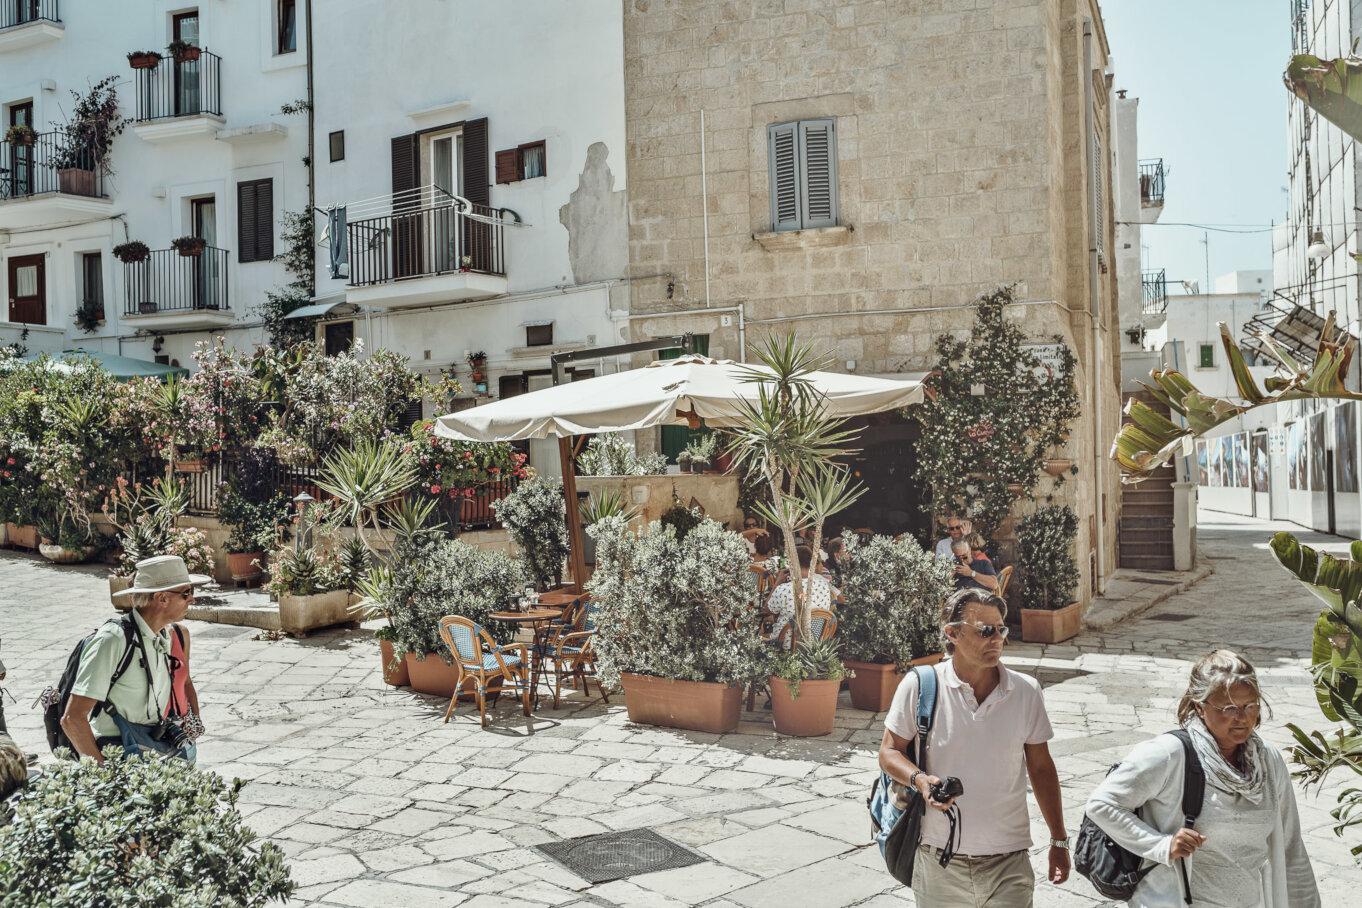 Centrum miasta wypełnione donicami pełnymi roślin